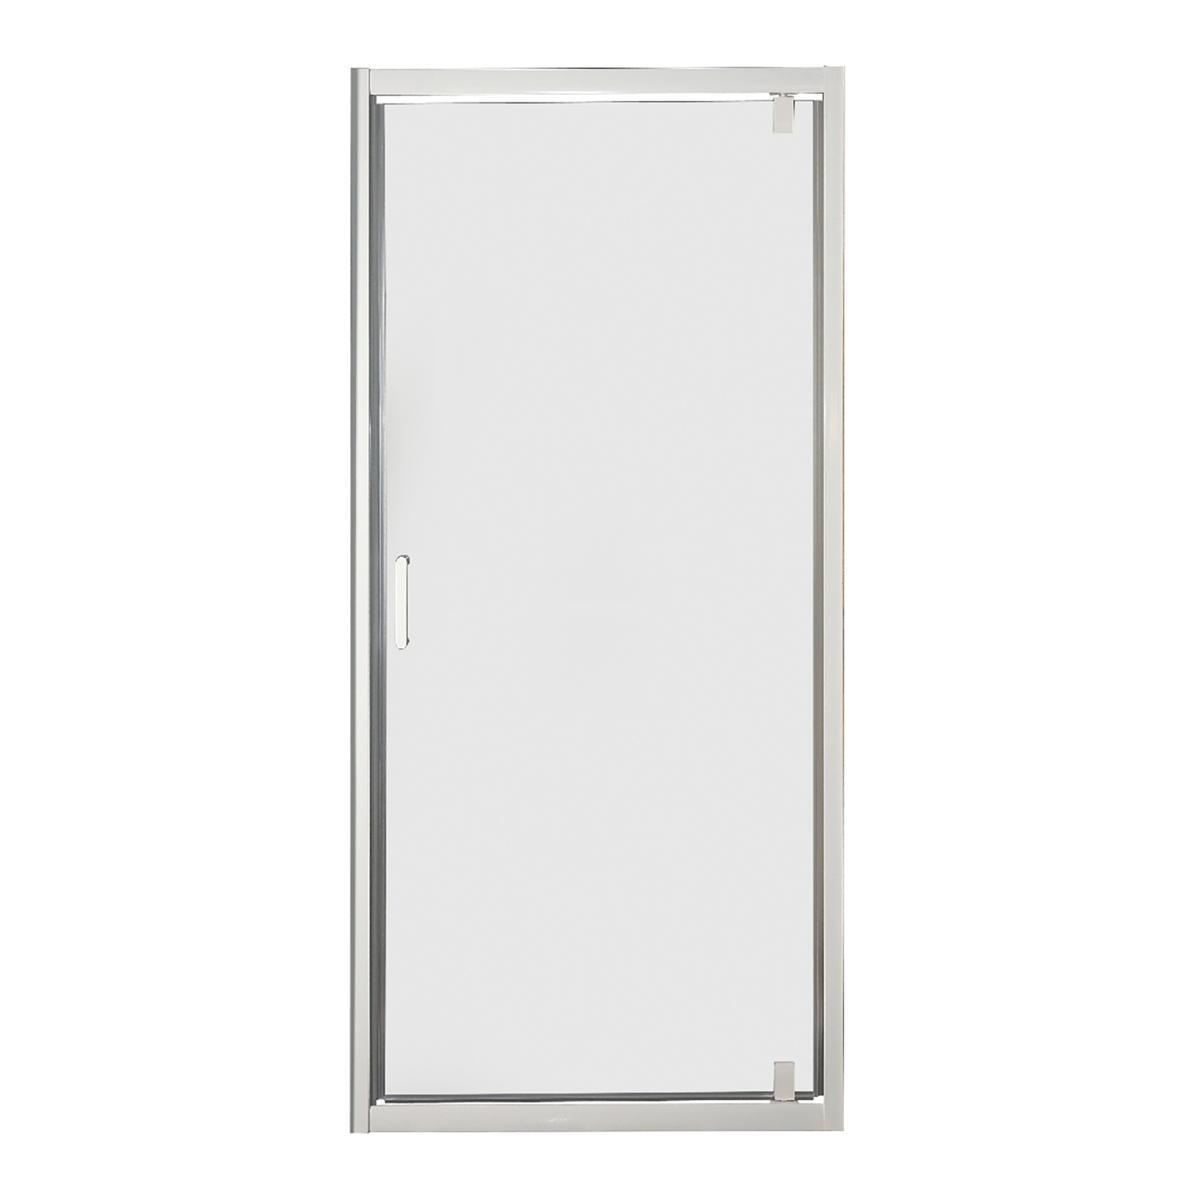 Porta doccia battente Sinque 70 cm, H 190 cm in vetro temprato, spessore 5 mm trasparente bianco - 2